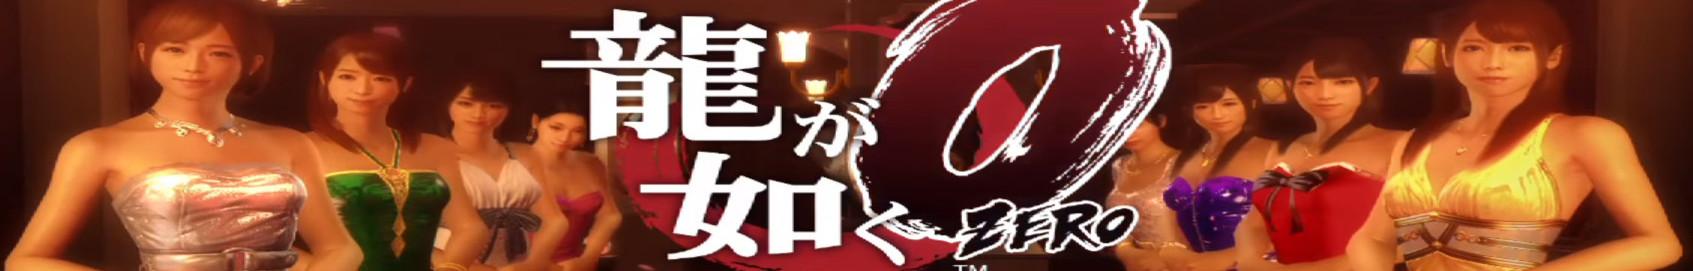 追风C功 banner